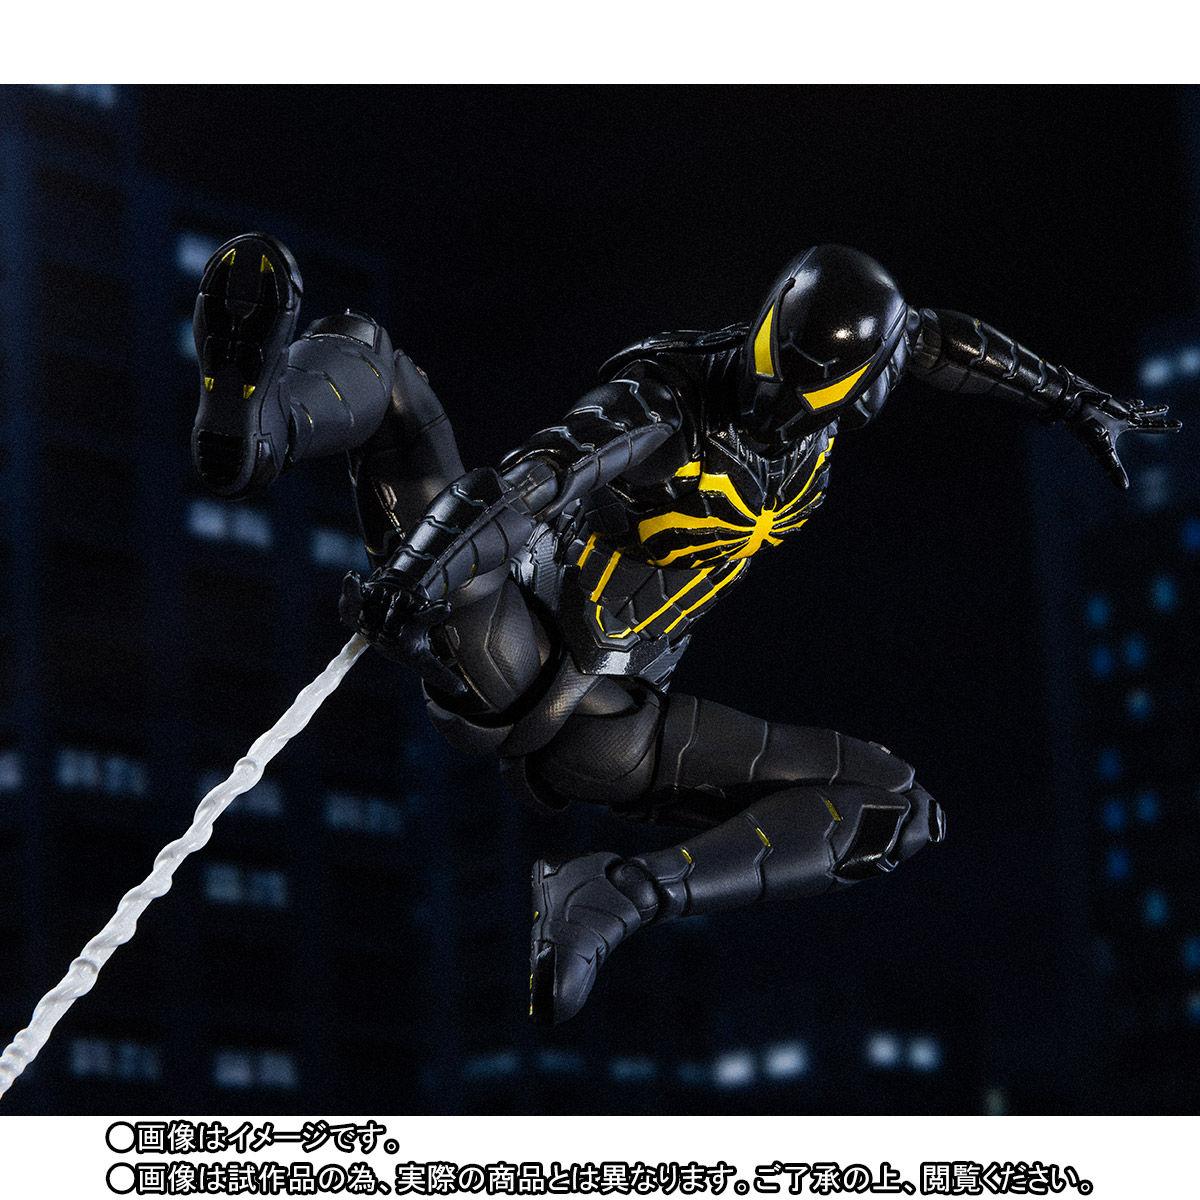 【限定販売】S.H.Figuarts『スパイダーマン アンチオック・スーツ(Marvel's Spider-Man)』アクションフィギュア-009